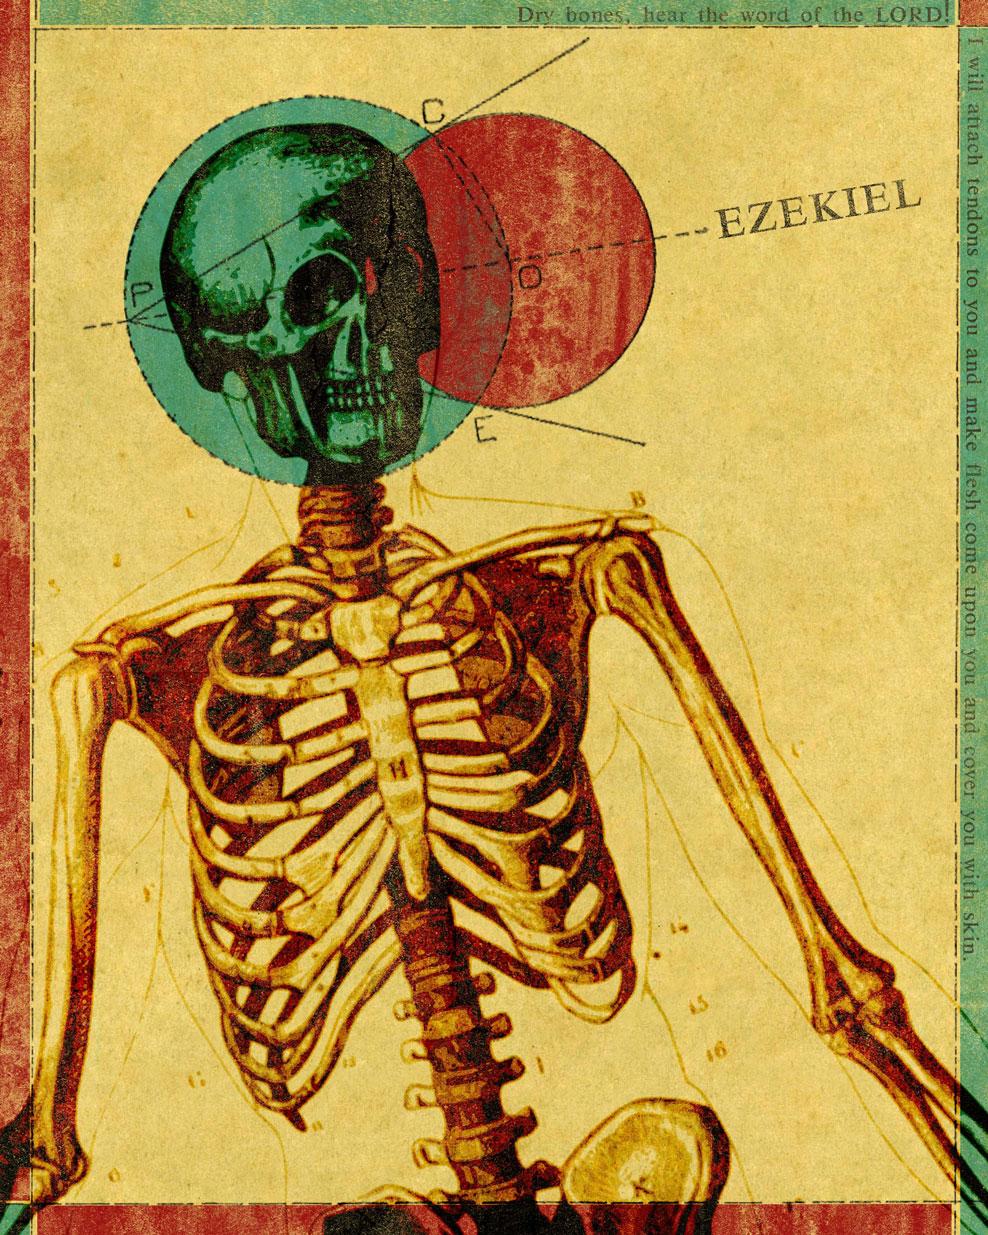 26-Ezekiel_988.jpg